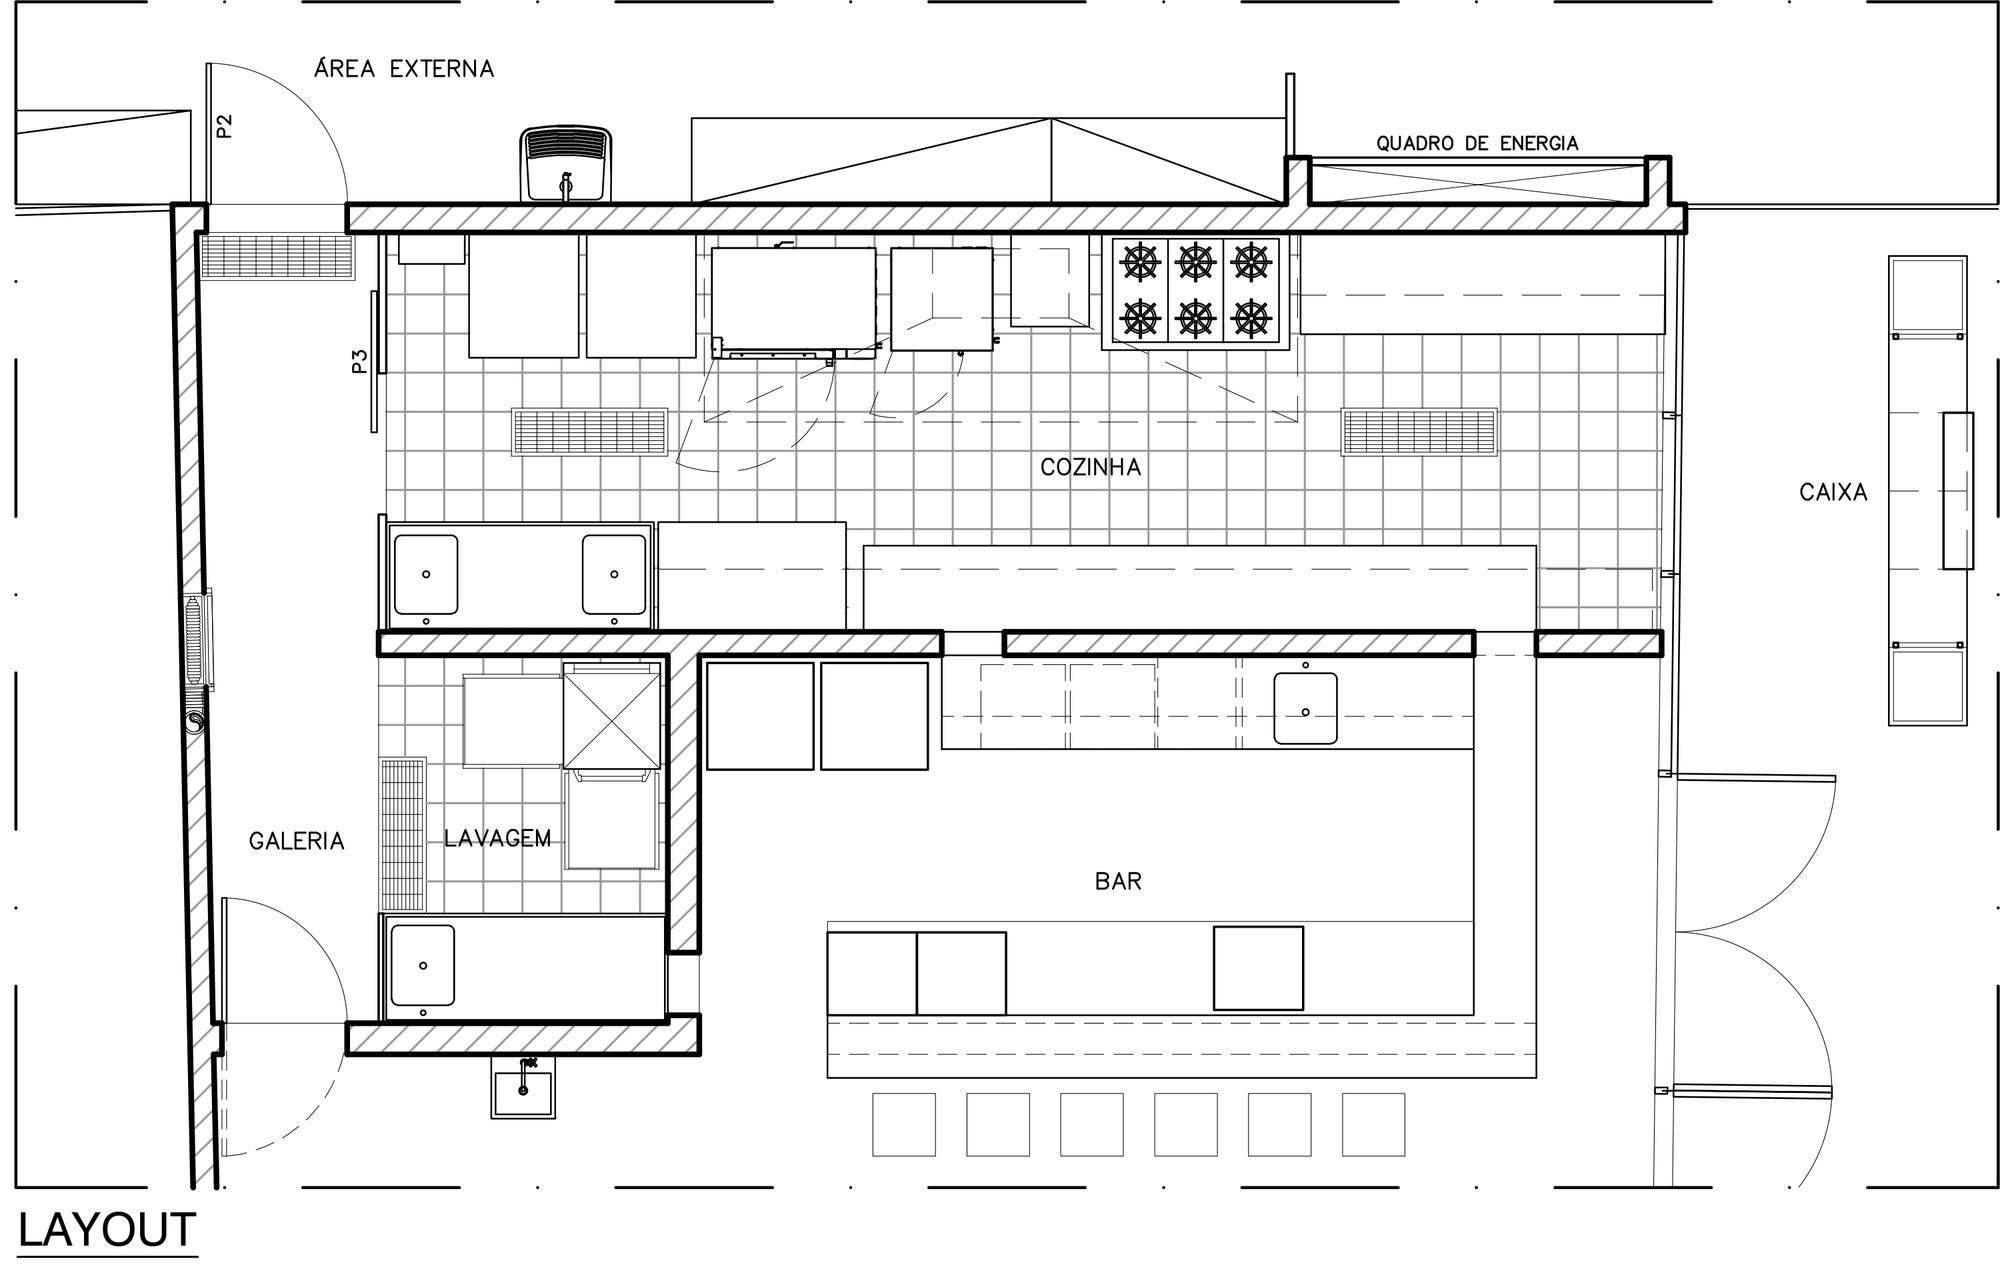 Famosos Galeria de Bistrô Bom Demais / Semerene Arquitetura Interior - 12 QR14